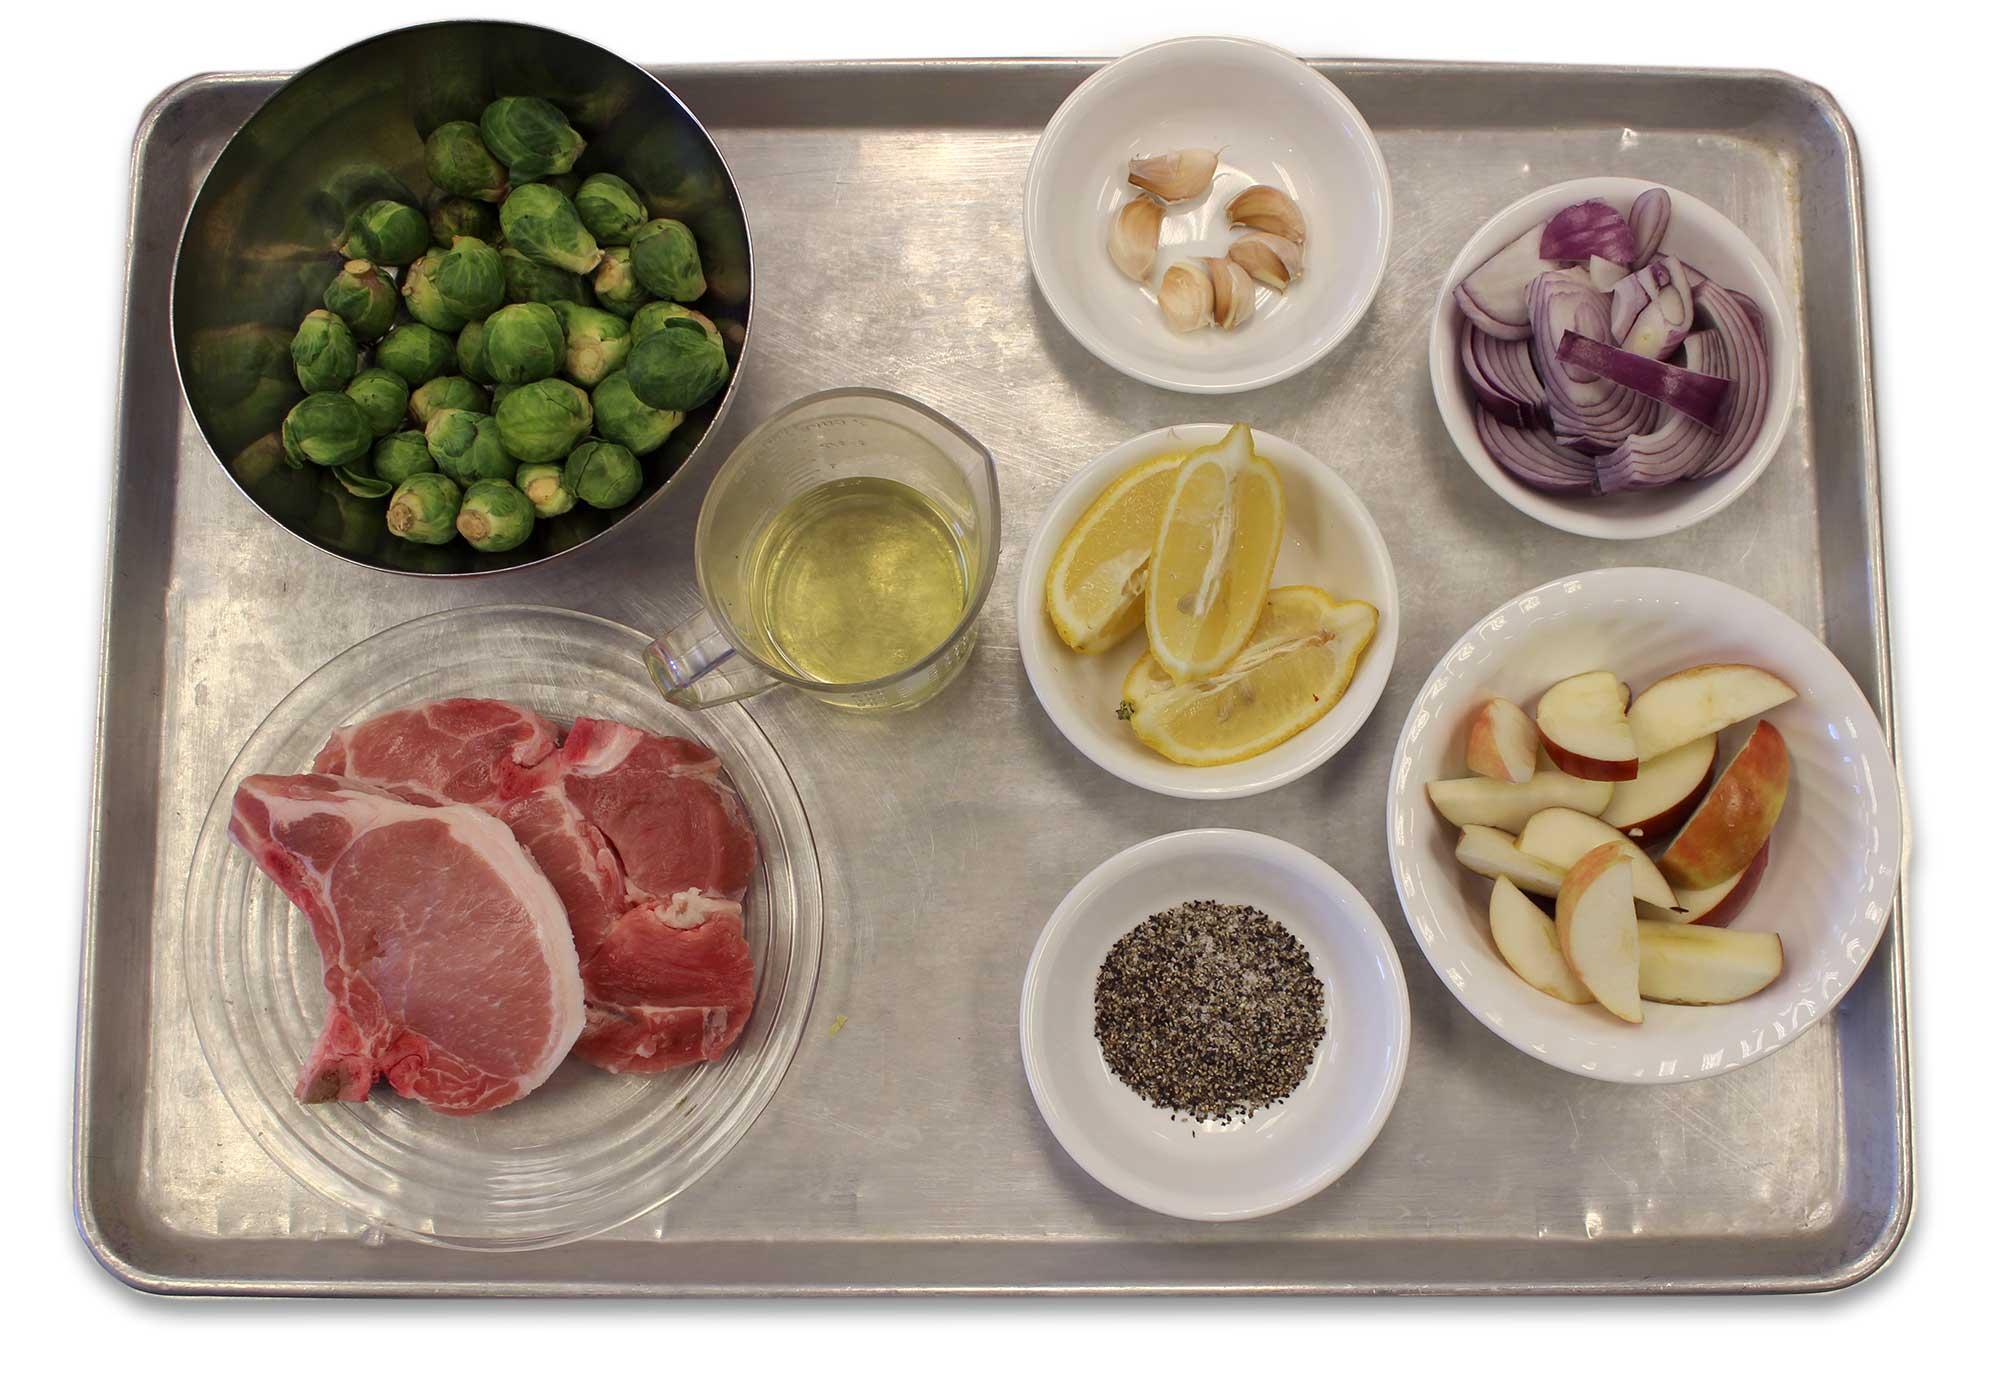 Lemon Garlic Pork Chops Ingredients